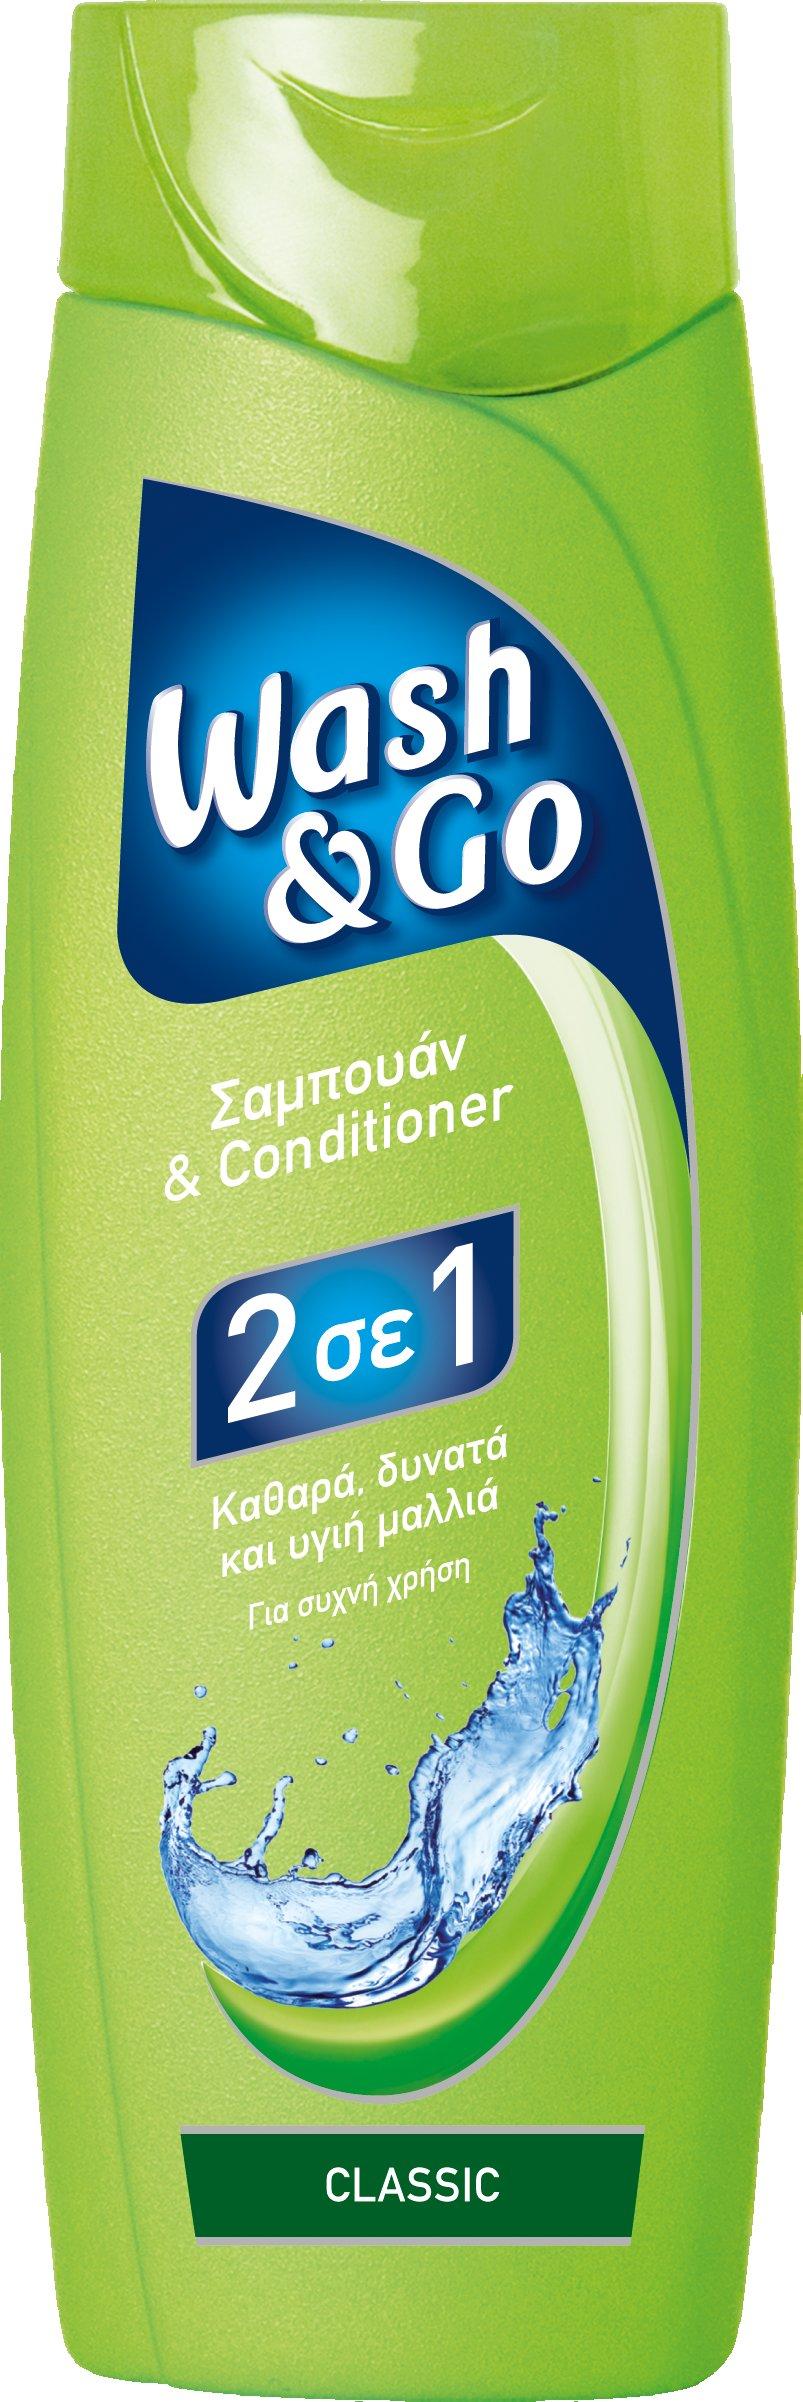 Σαμπουάν για συχνή χρήση Classic Wash & Go (400 ml) 1+1